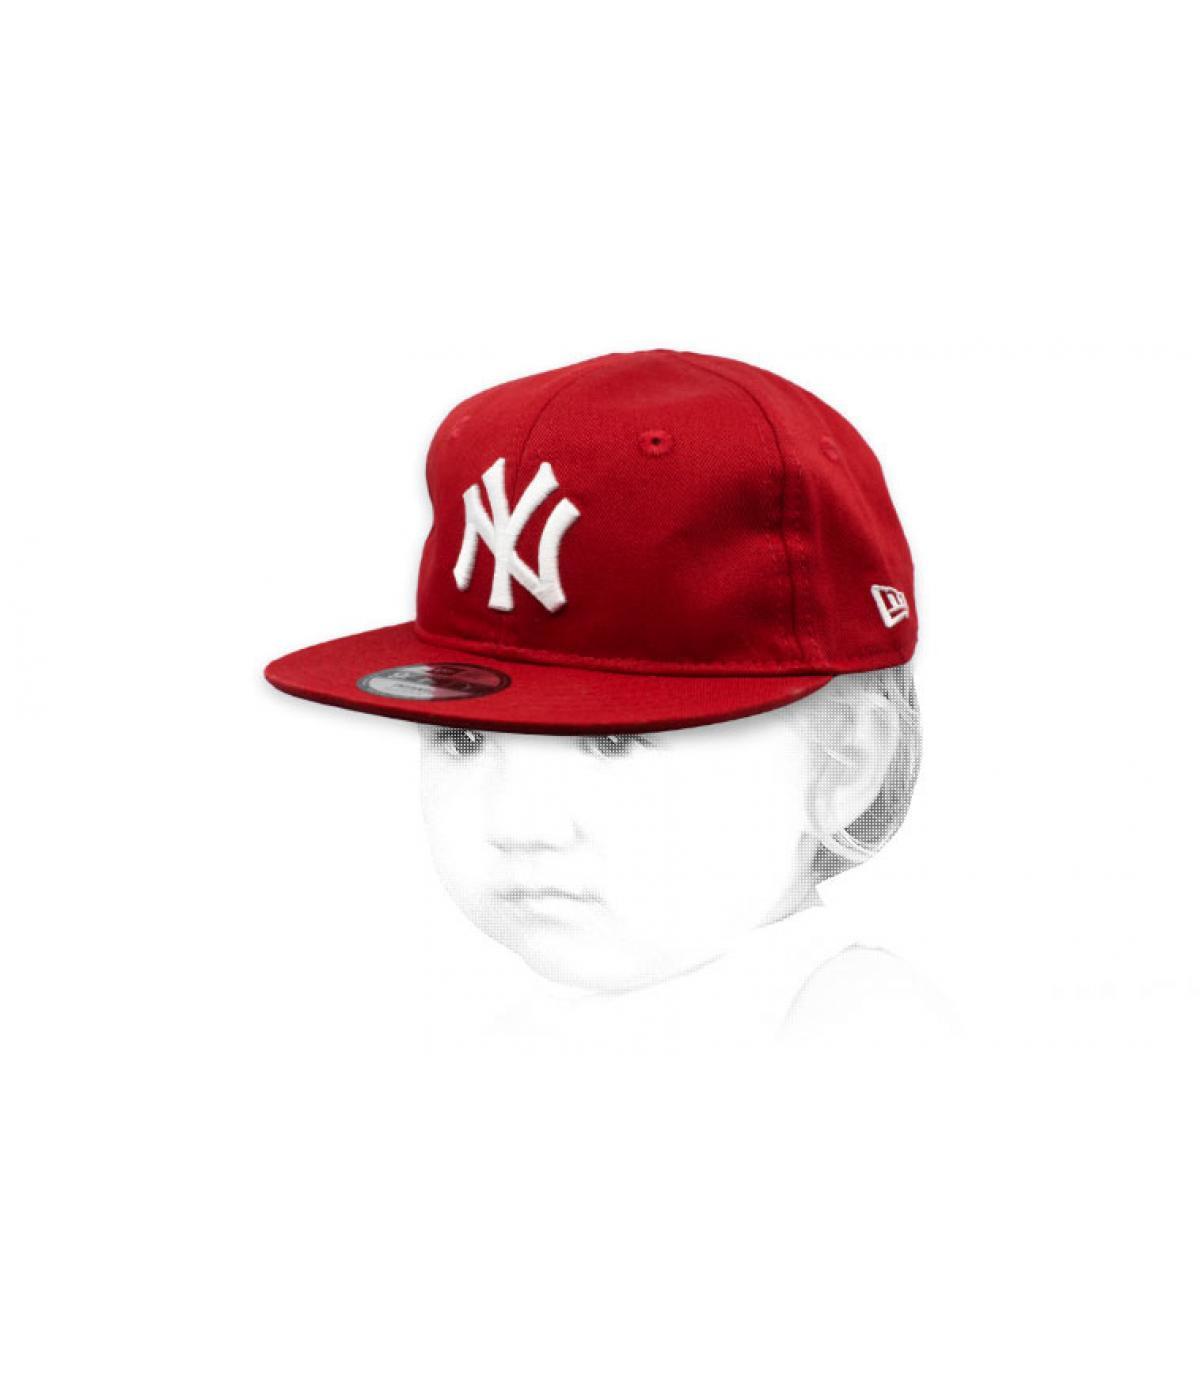 casquette bébé NY rouge blanc